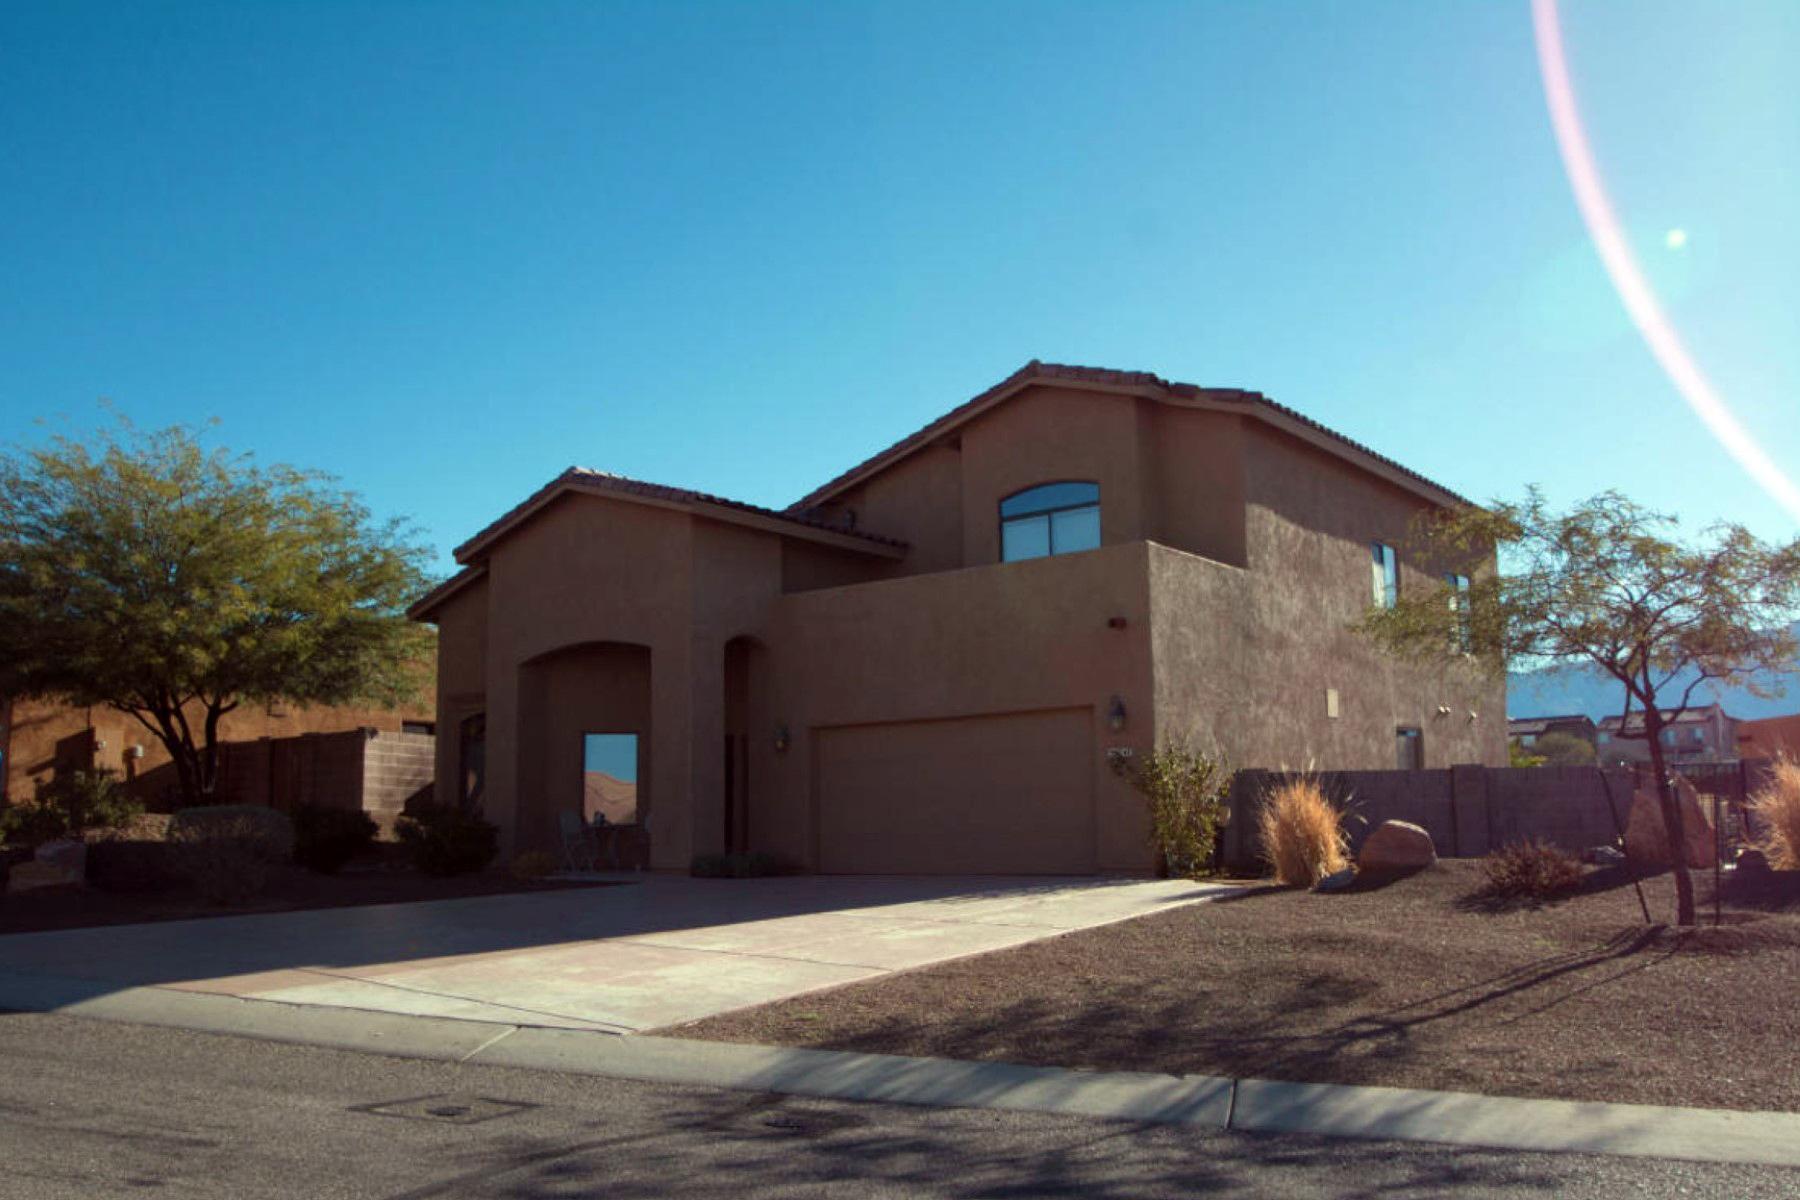 Casa Unifamiliar por un Venta en Modern Home With Charm, Dignity & Comfort 39747 S Horse Run Drive Tucson, Arizona 85739 Estados Unidos